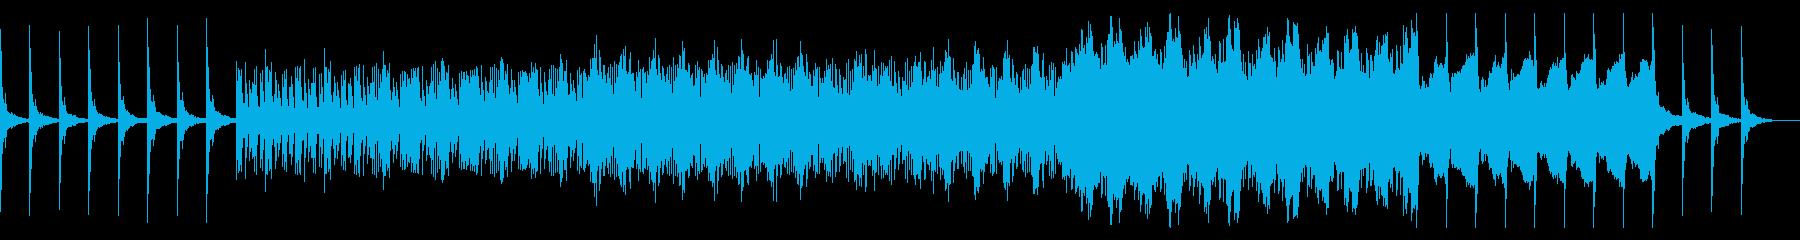 超シンプル!神秘的なBGMの再生済みの波形